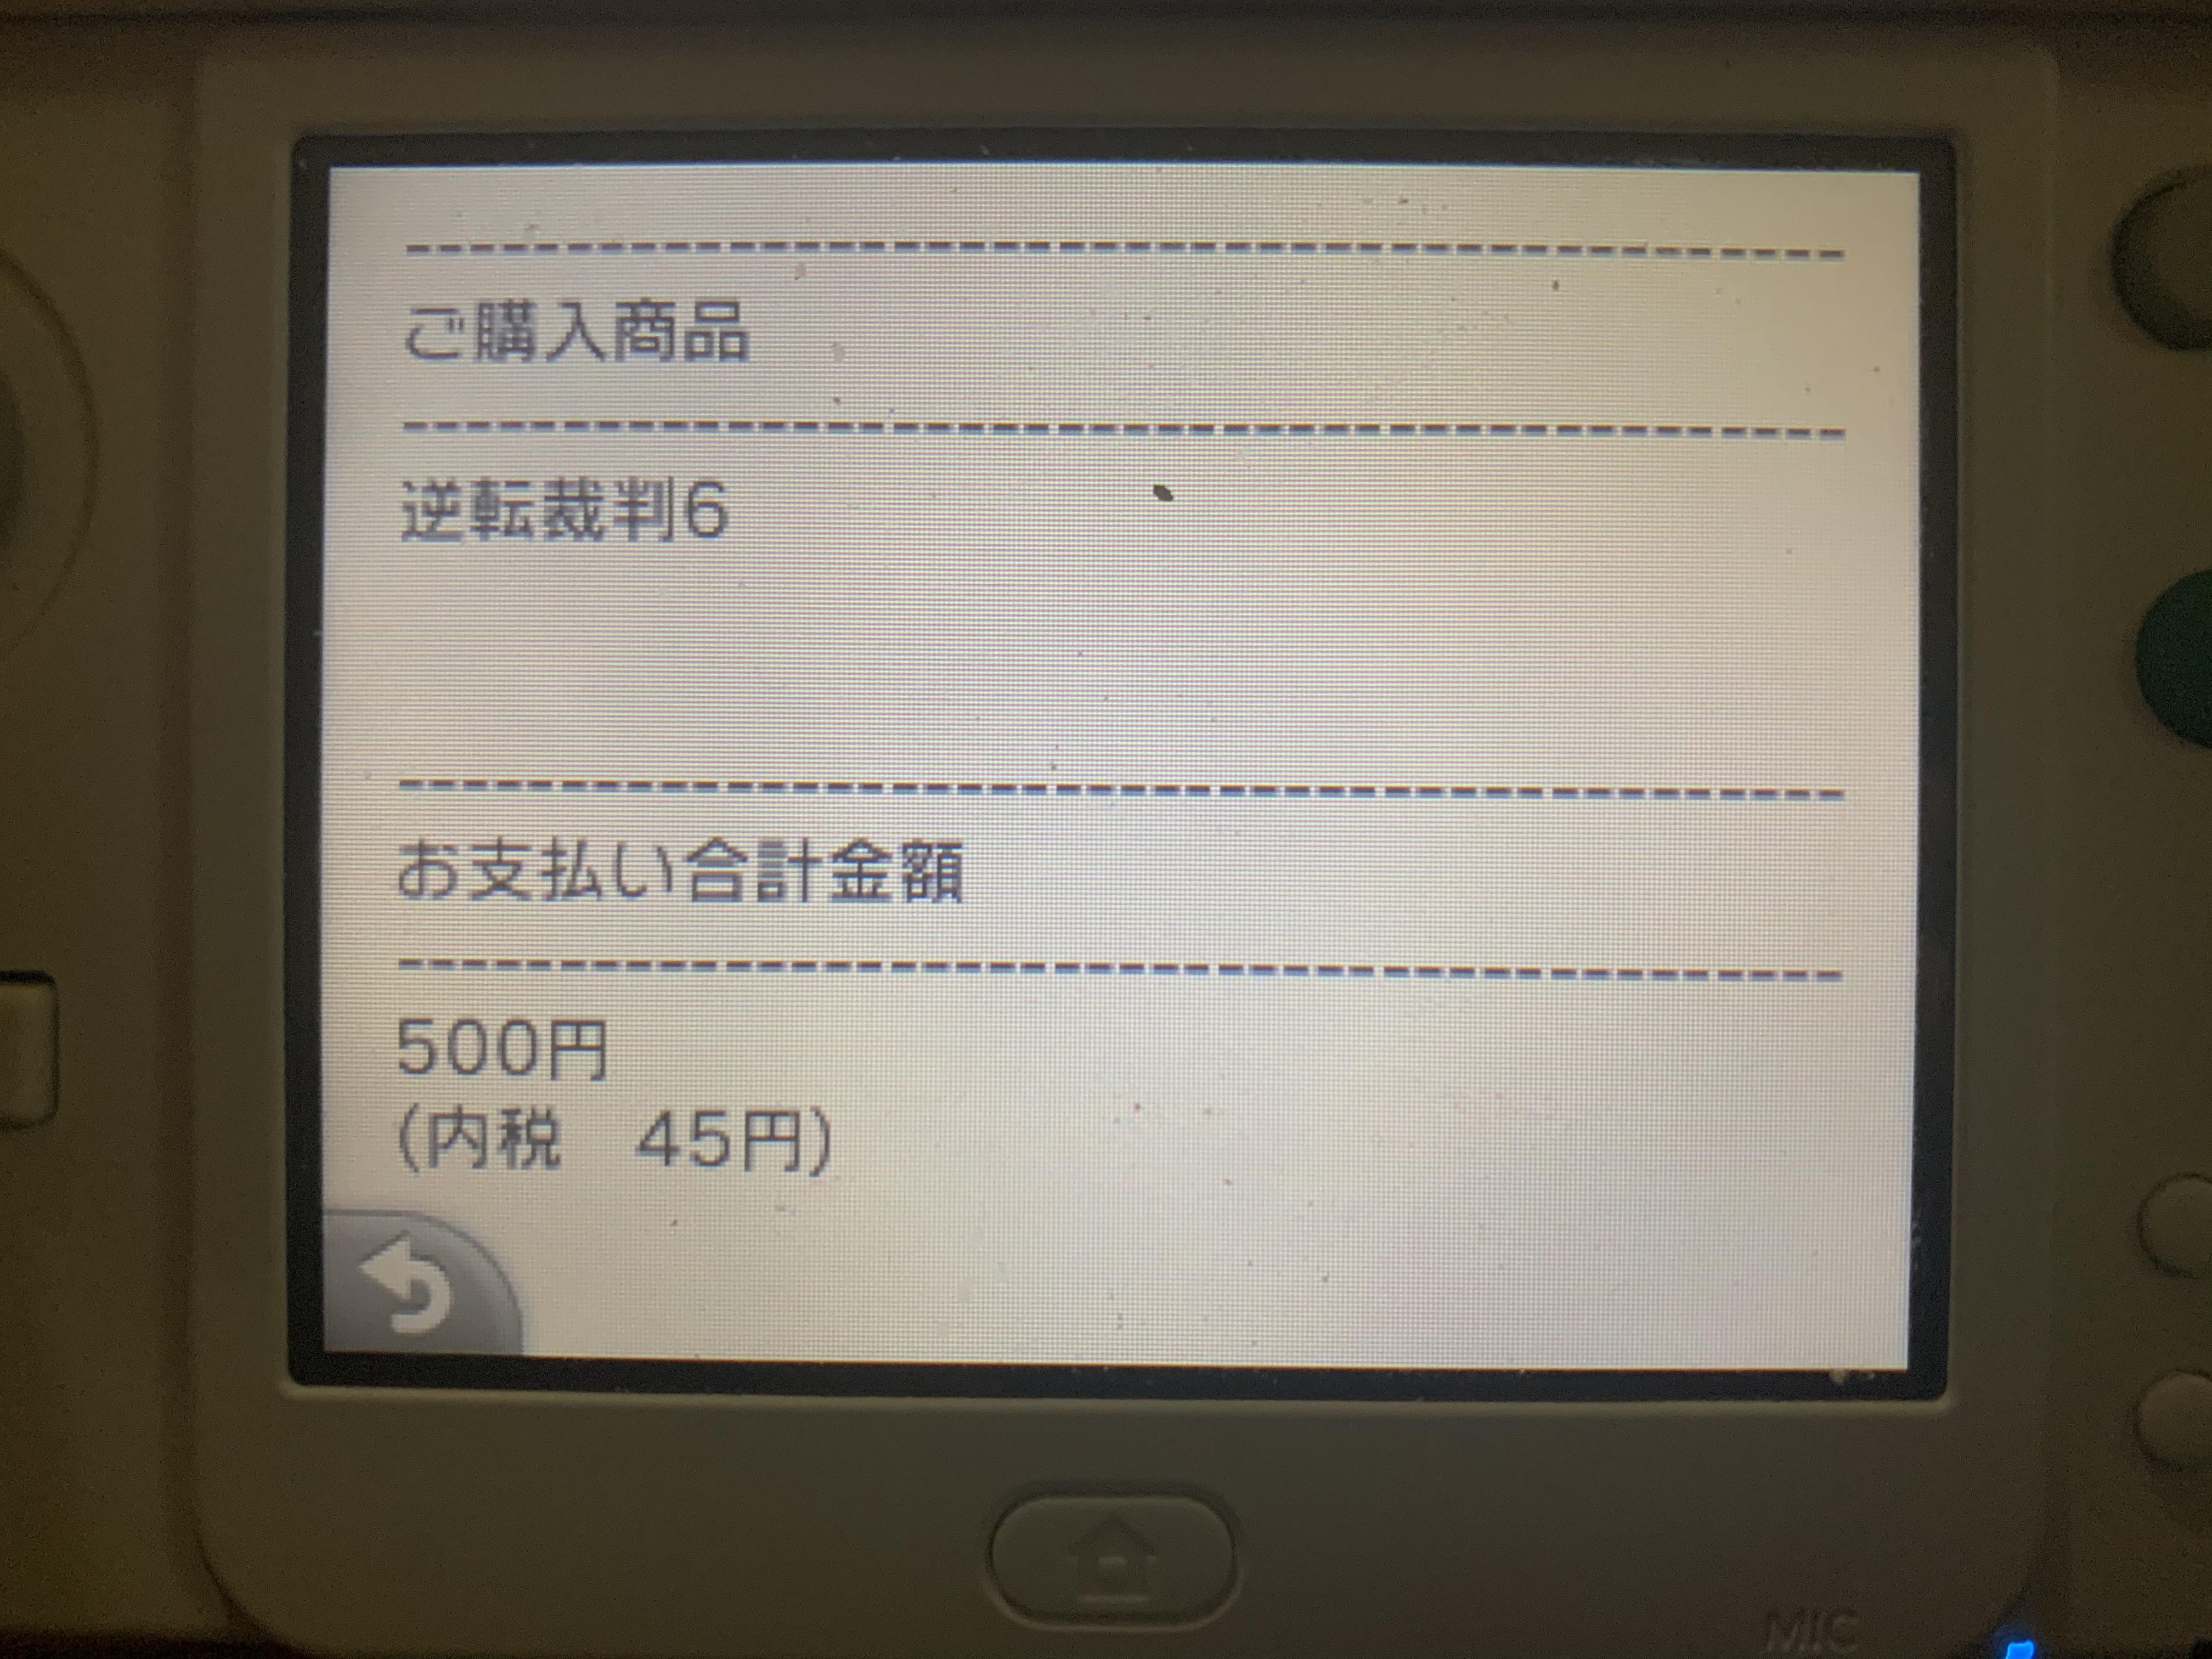 EBB43E69-7643-47CE-A058-B8501C3B9392.jpeg